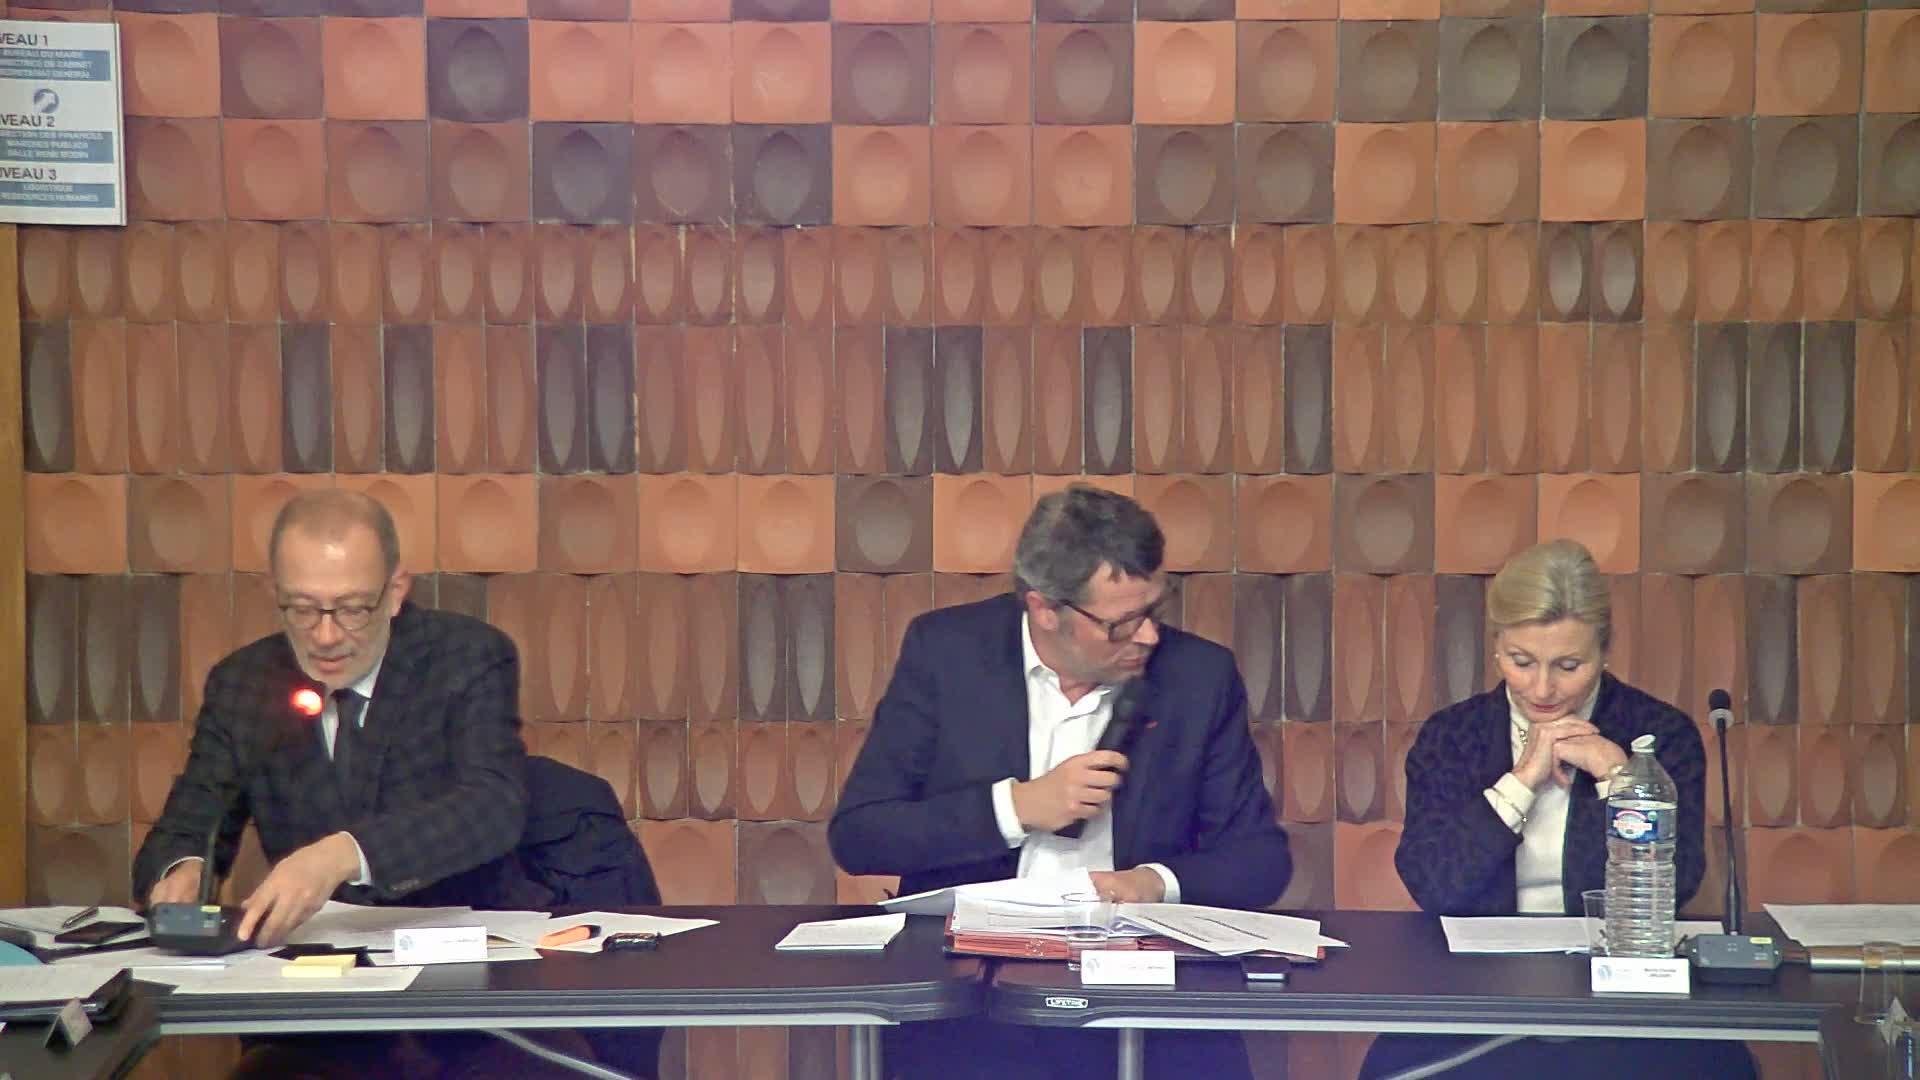 Demandes de subvention au titre de la Dotation d'Equipement des Territoires Ruraux (DETR) et de la Dotation de Soutien à l'Investissement Local (DSIL) - Programme 2020